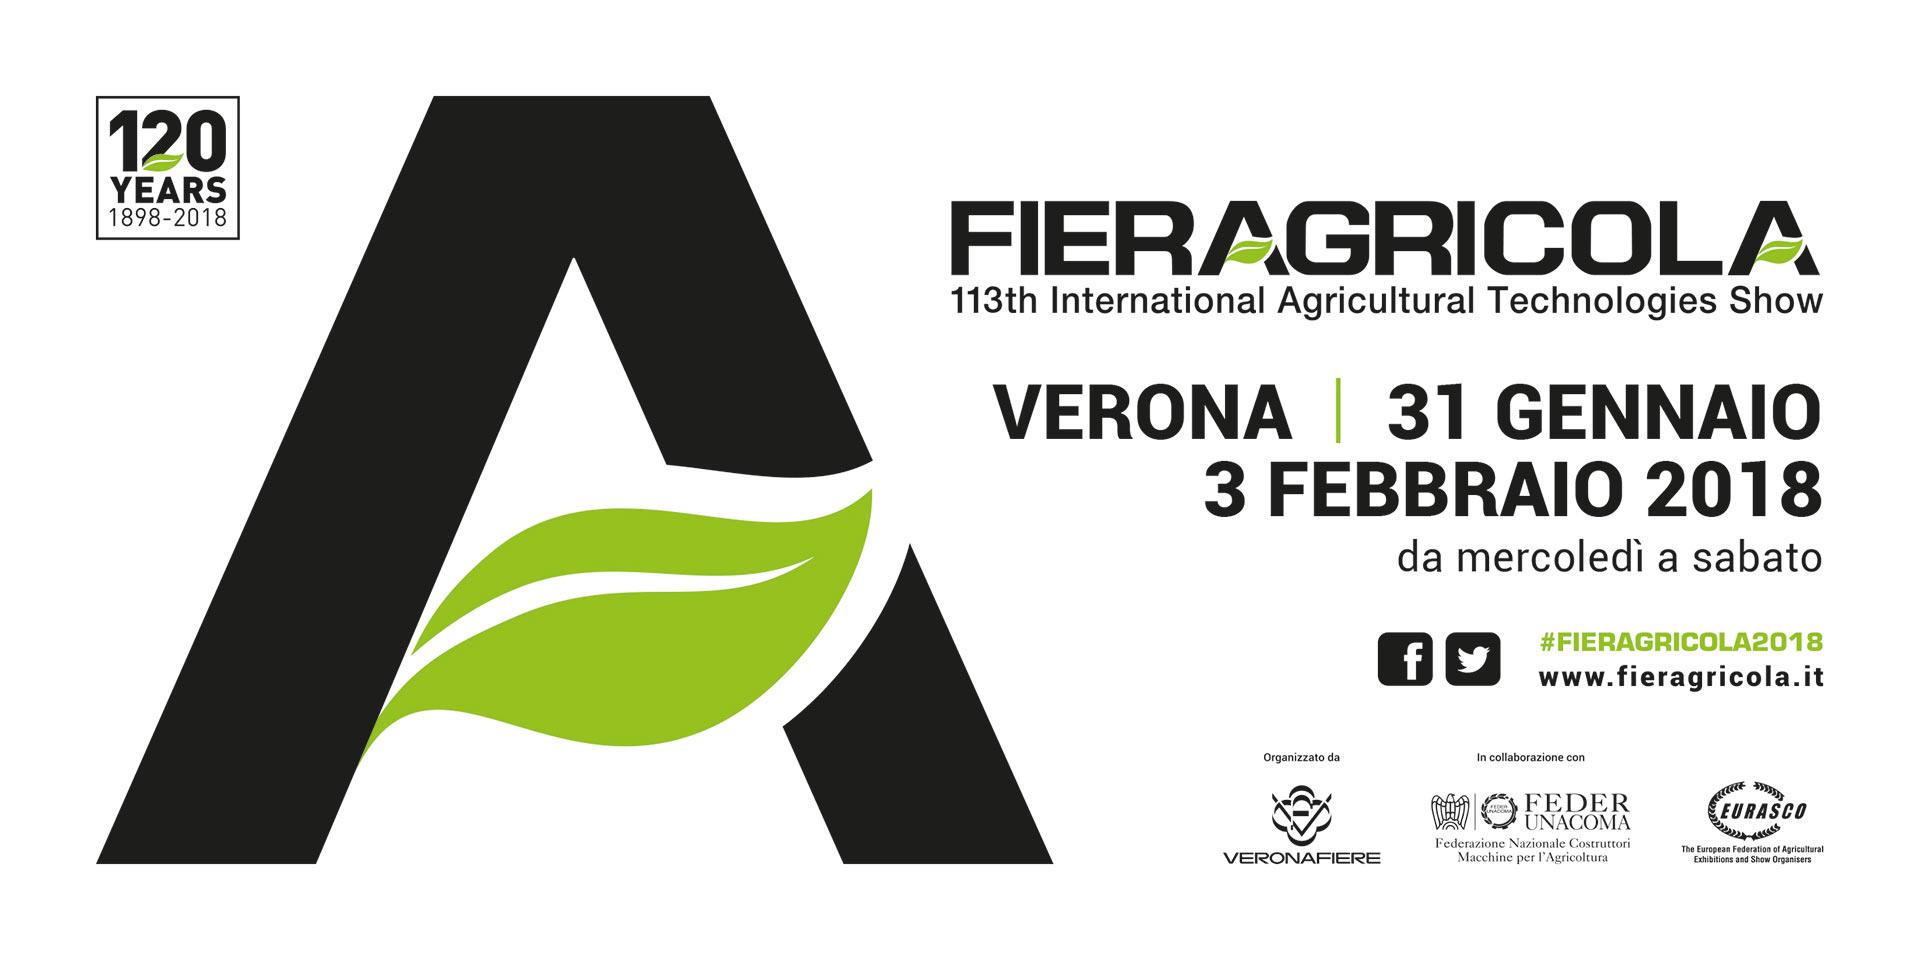 Fieragricola_Logo_Date_ITA_300